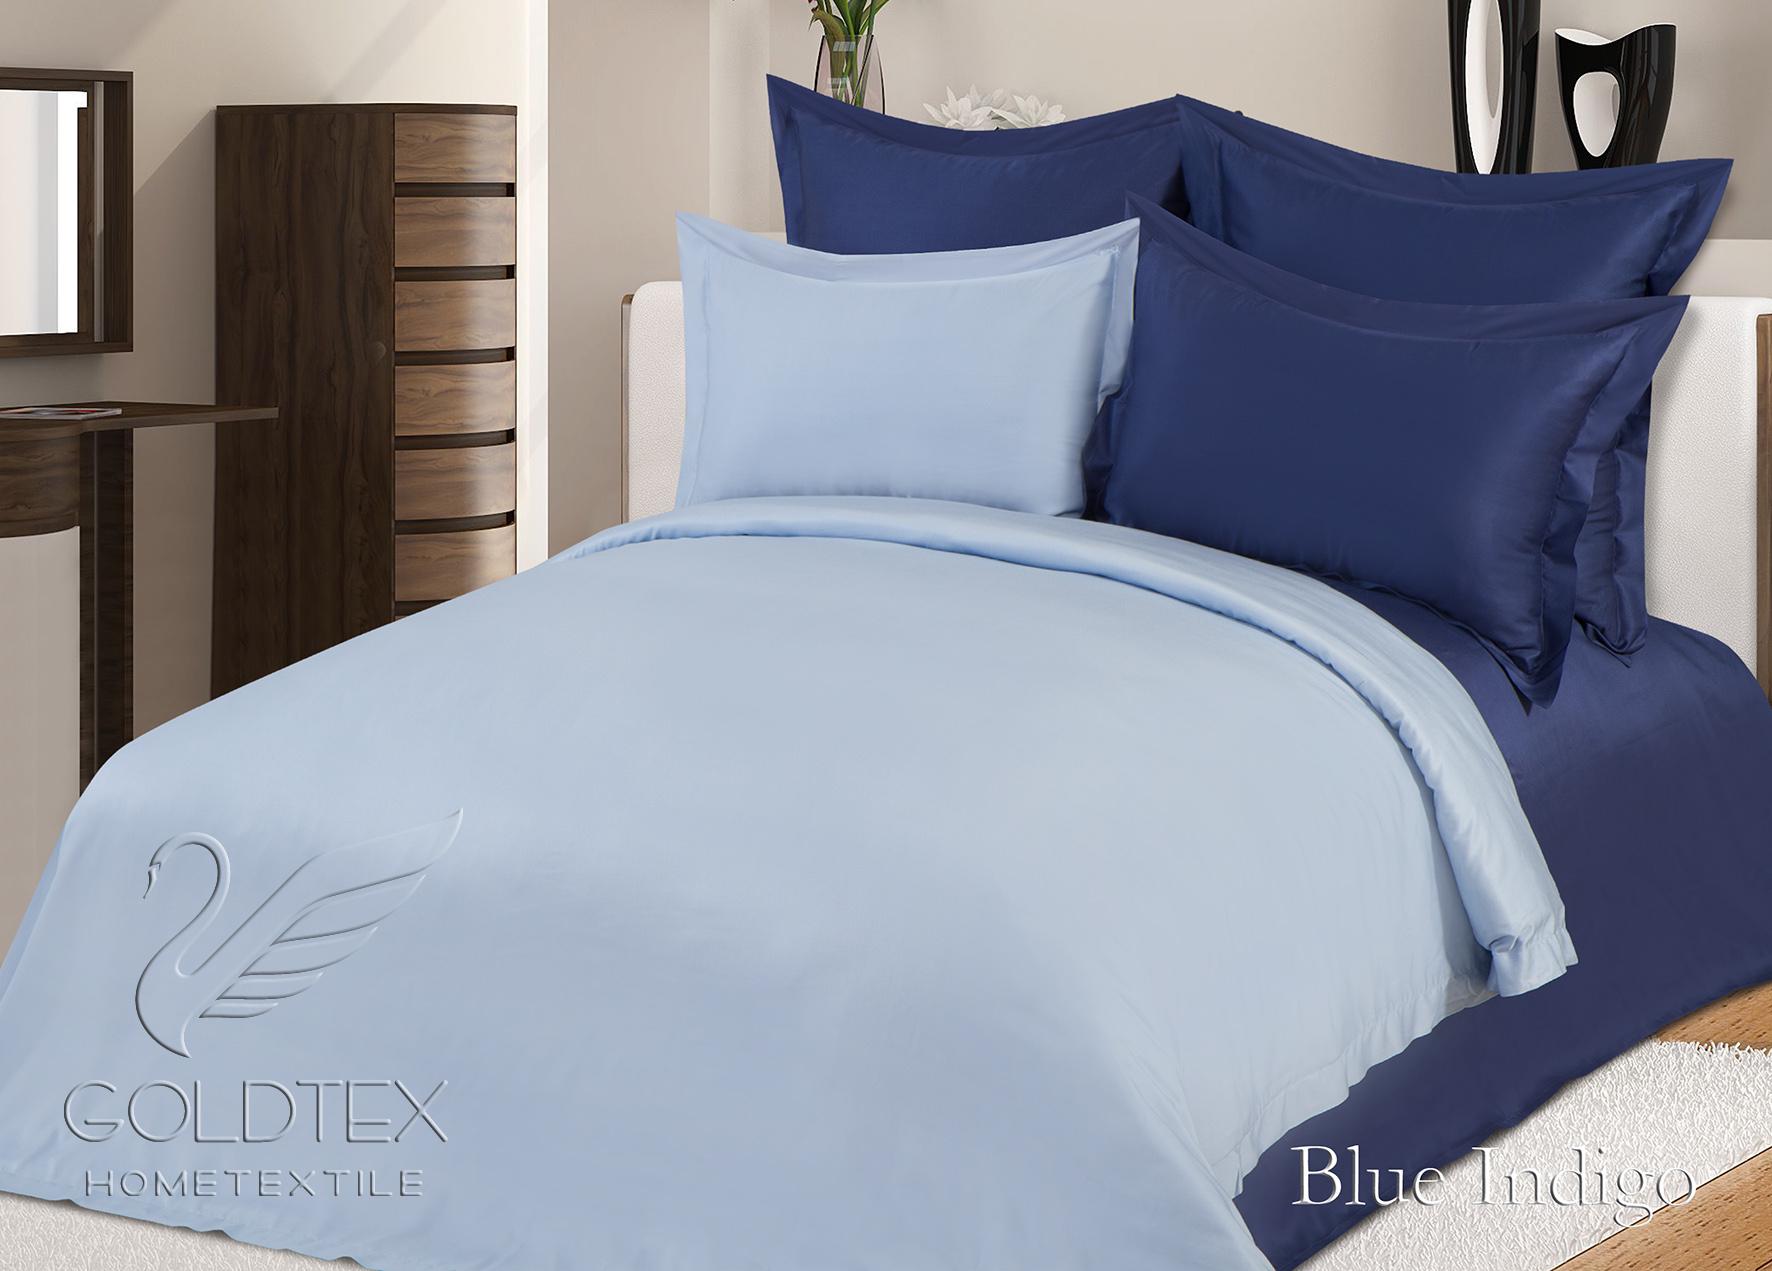 Комплект  Blue Indigo , размер 2,0-спальный с 4 наволочками - Постельное белье артикул: 10850